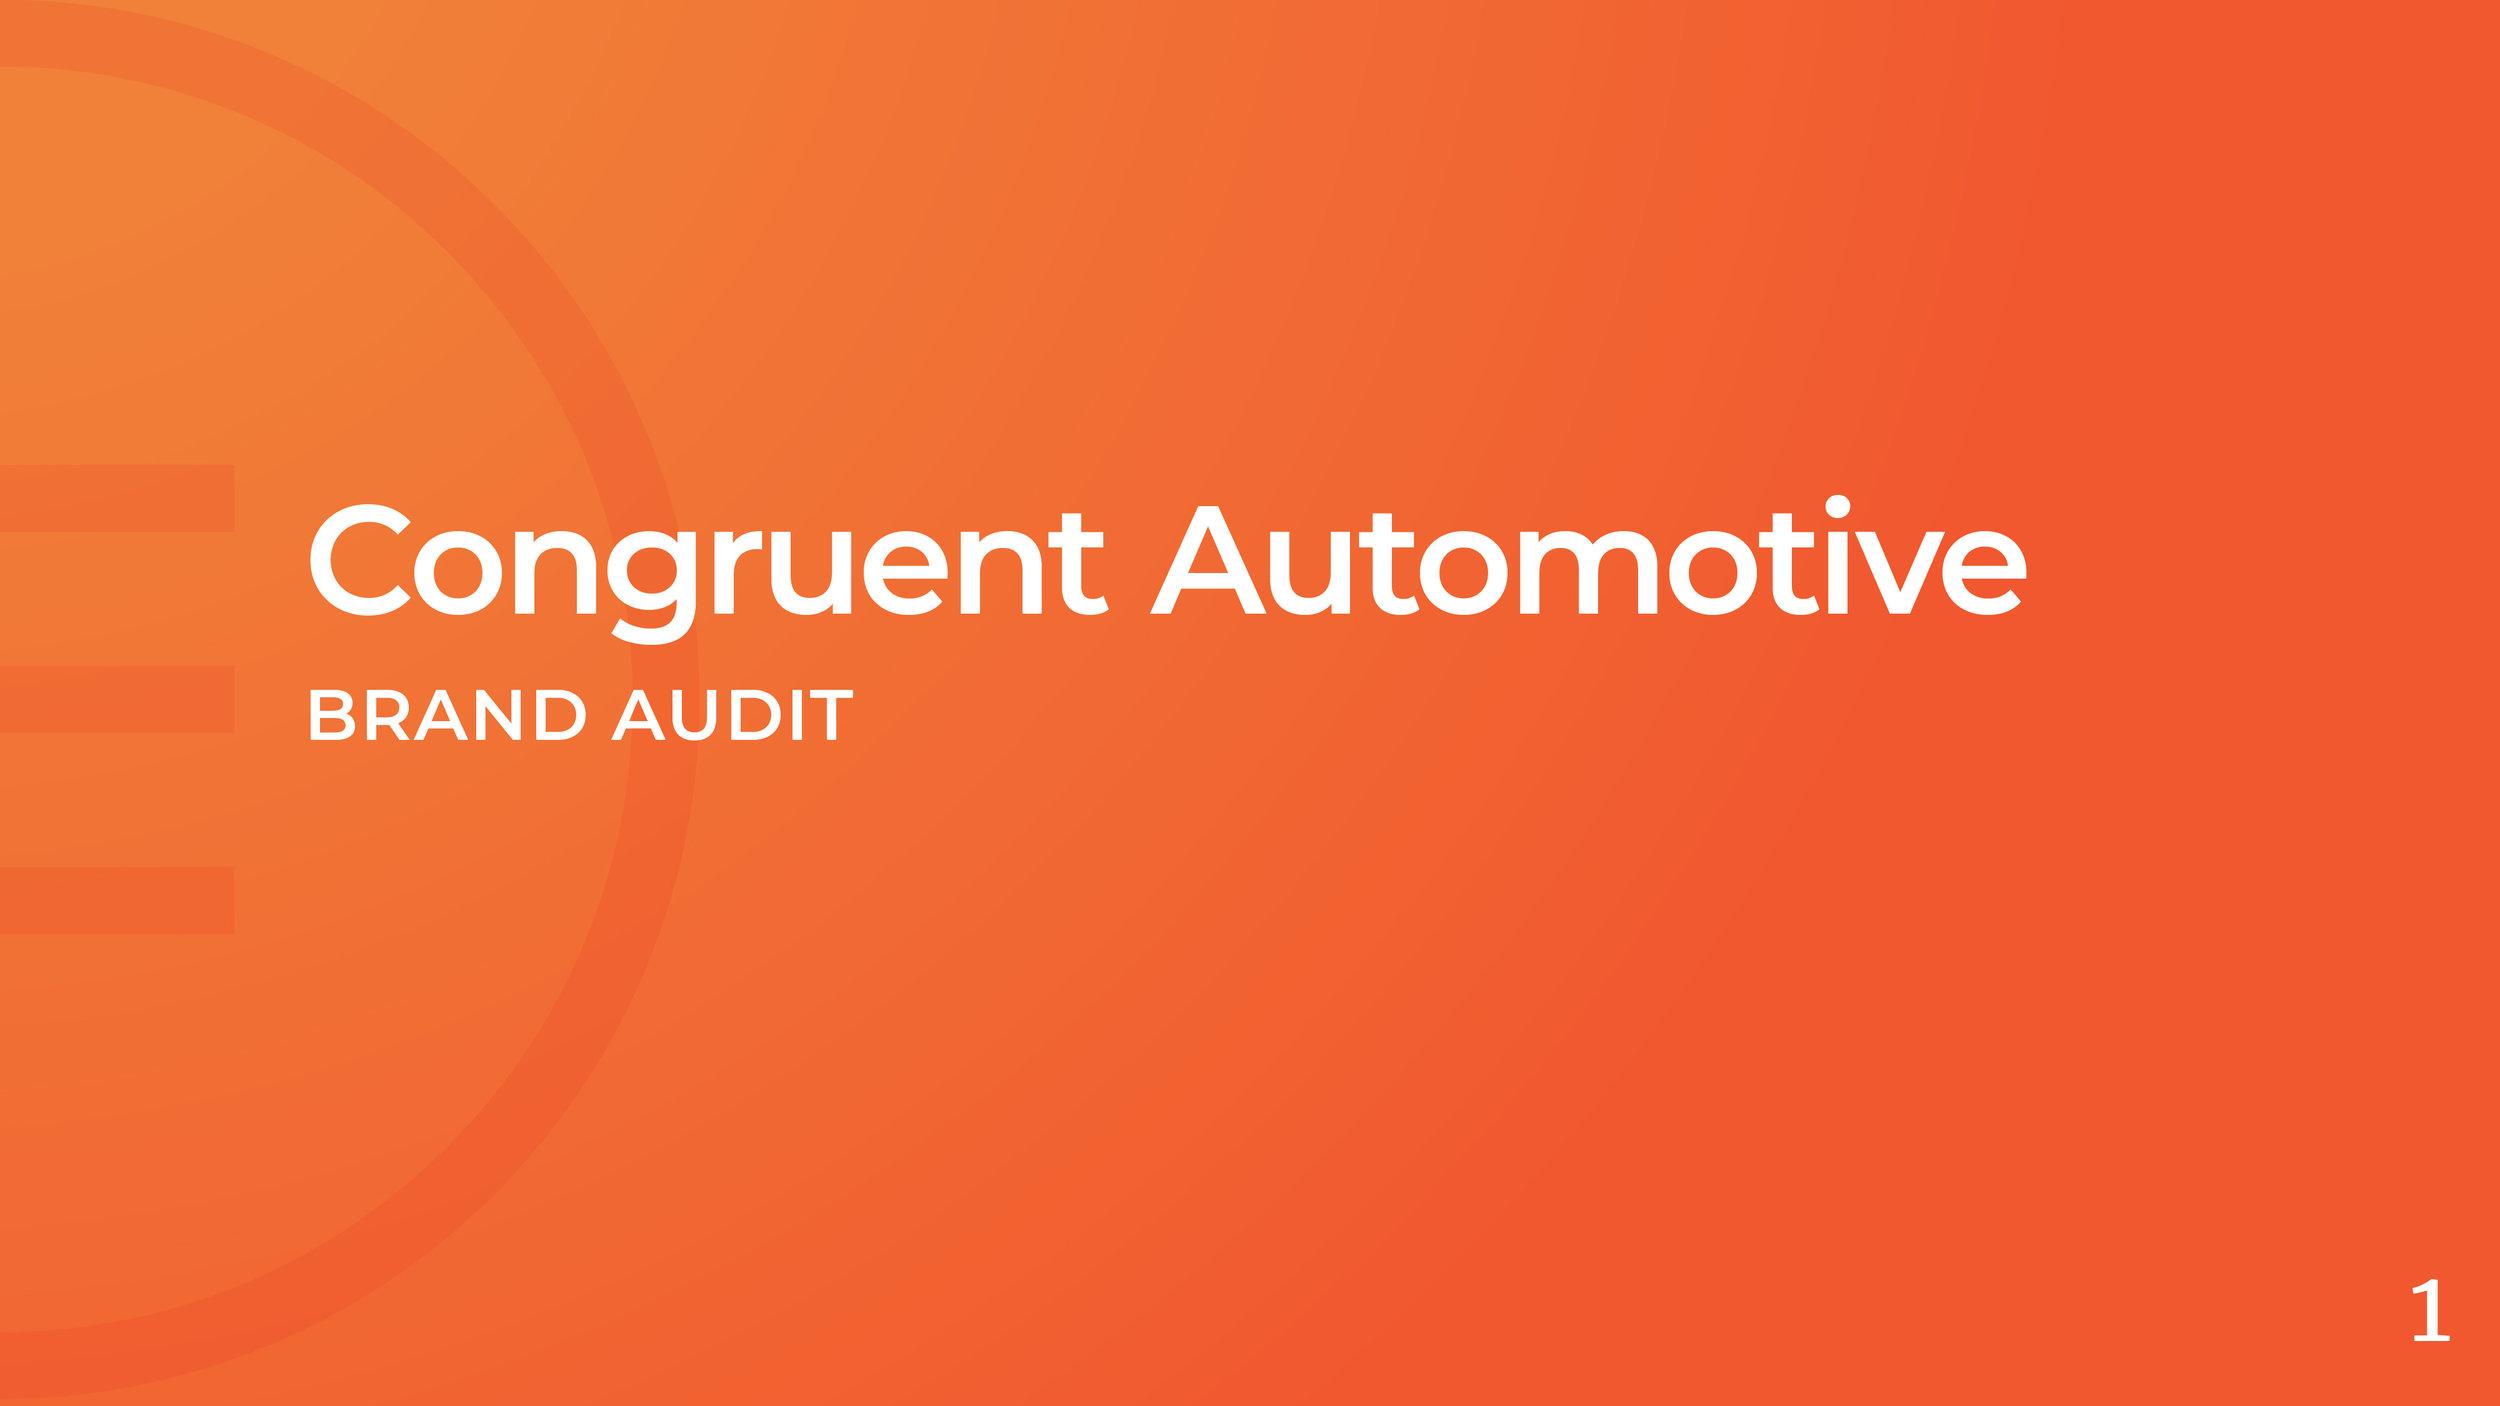 CongruentAuto-Audit-01.jpg